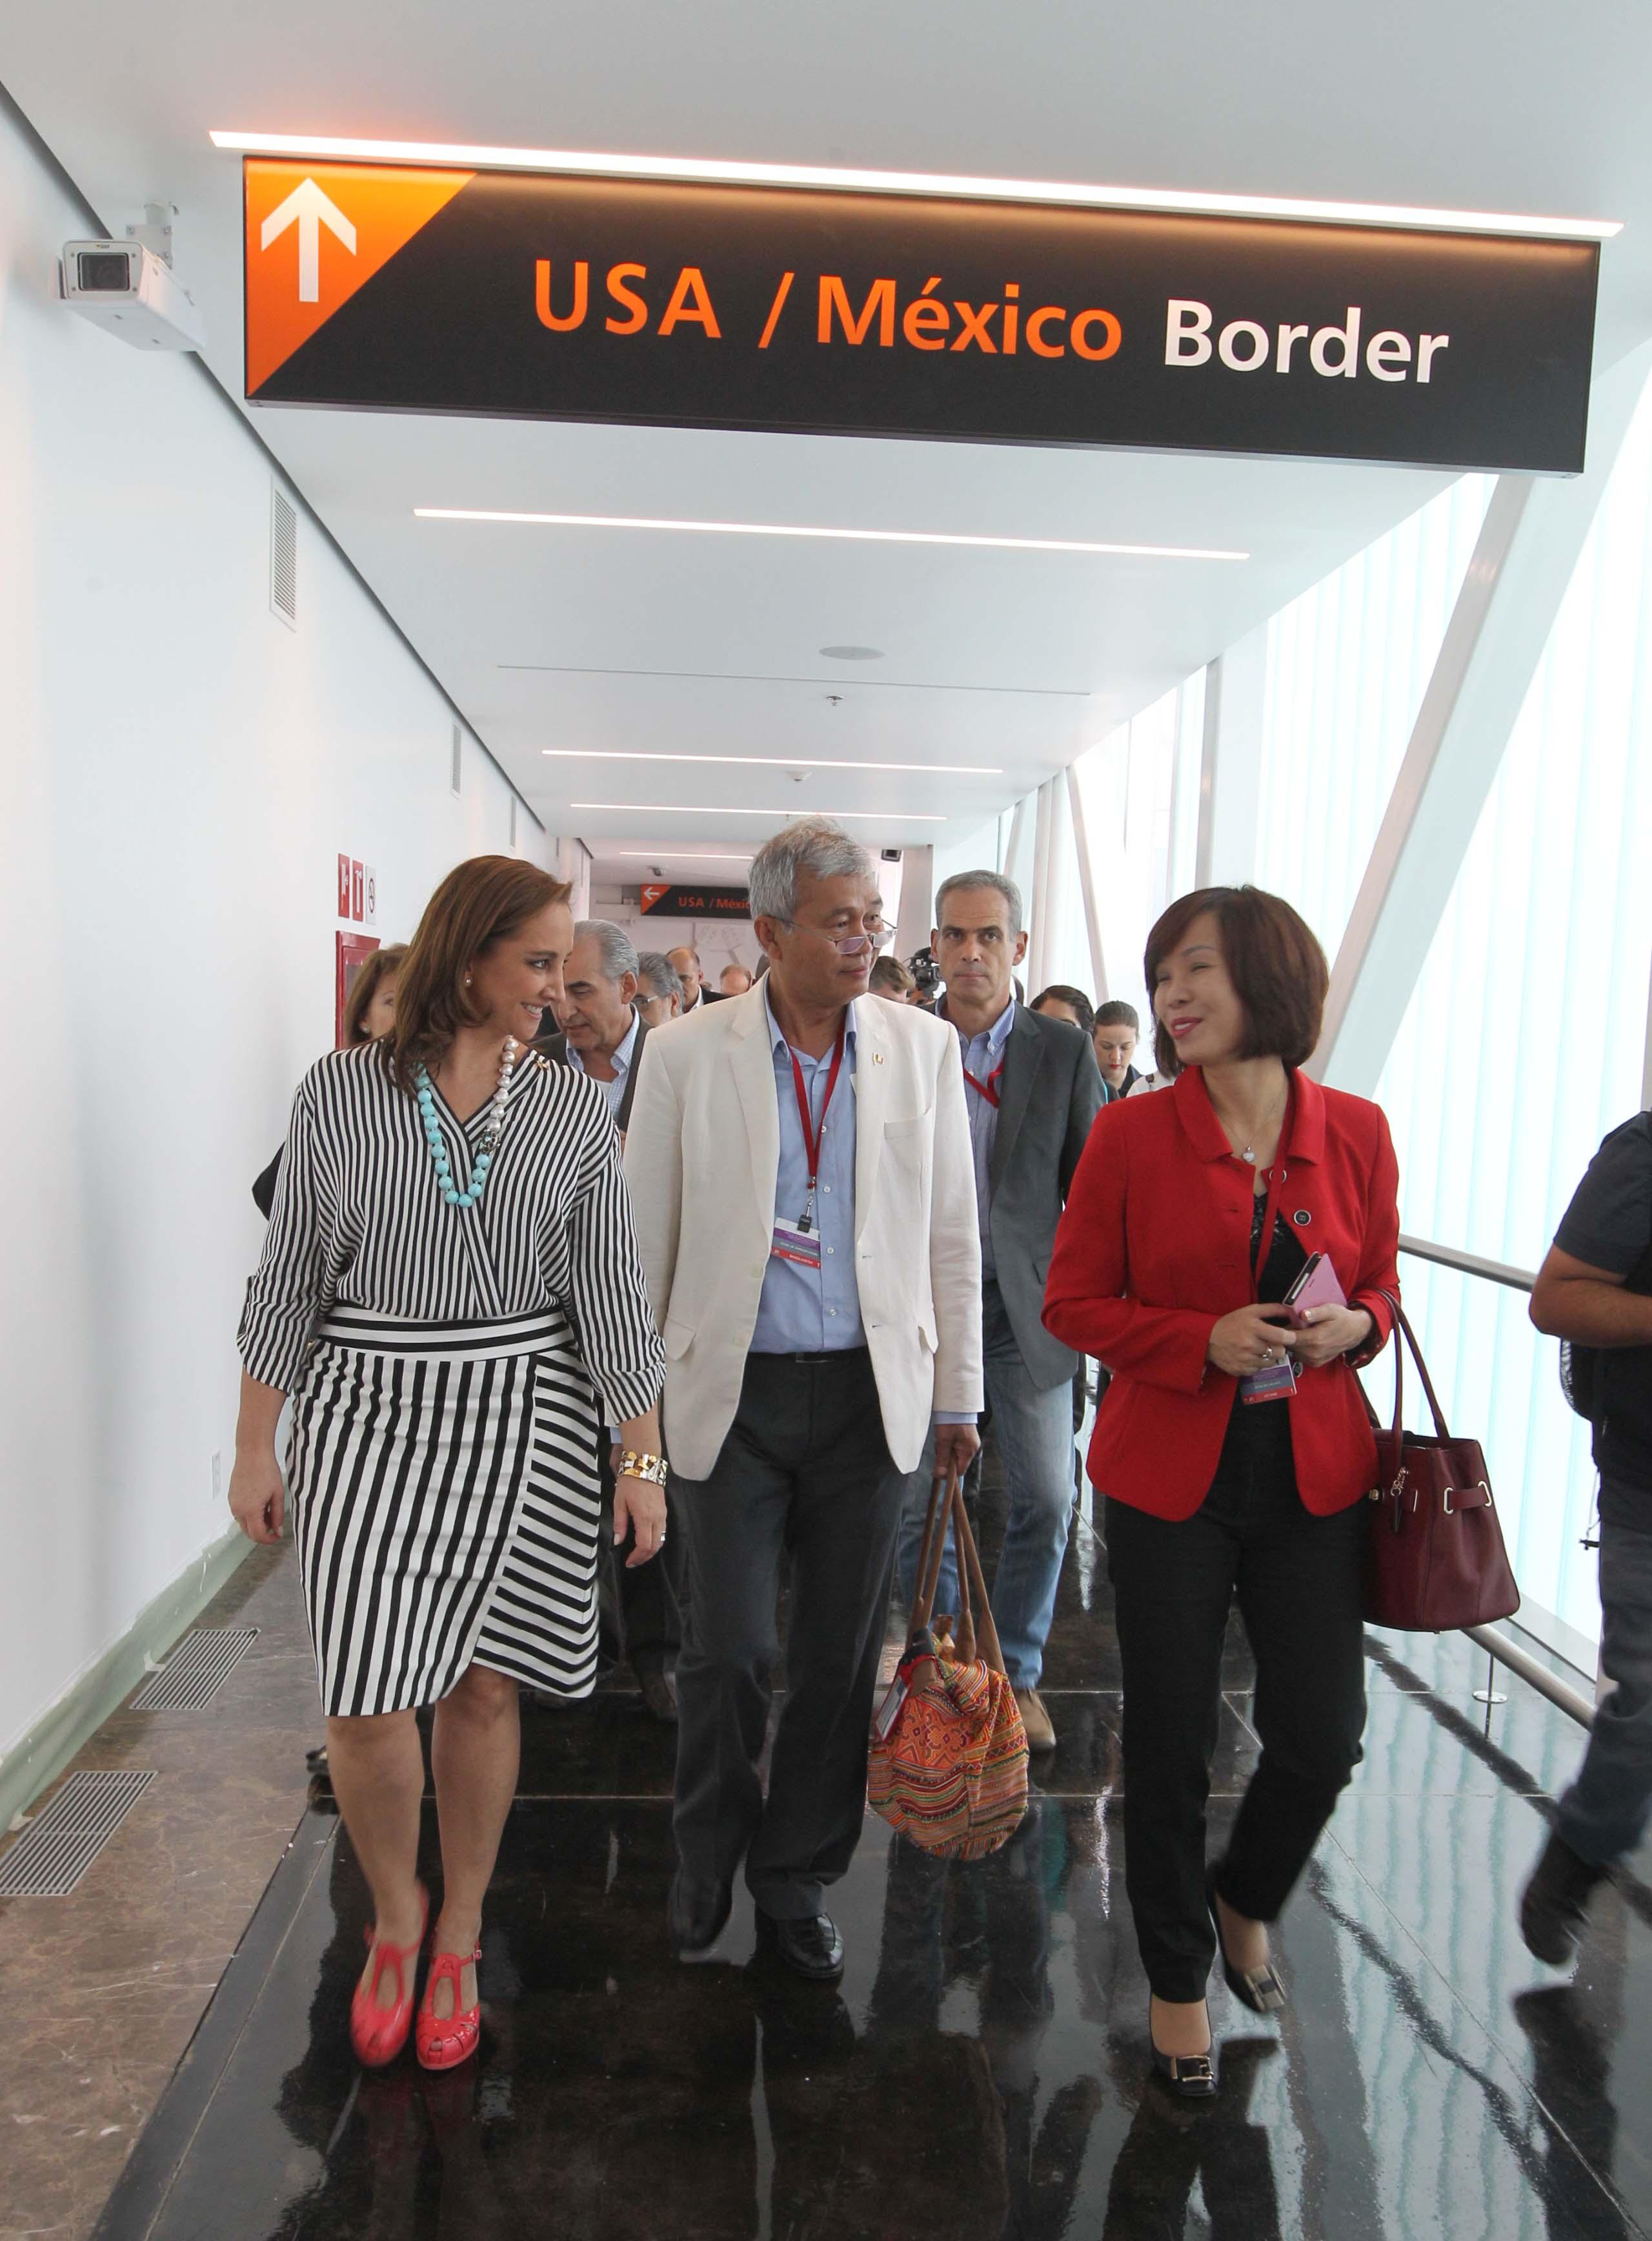 FOTO 1 Canciller Claudia Ruiz Massieu y representantes del cuerpo diplom tico visitan el puente peatonal que conectar  al Aeropuerto Internacional de Tijuana con EEUUjpg